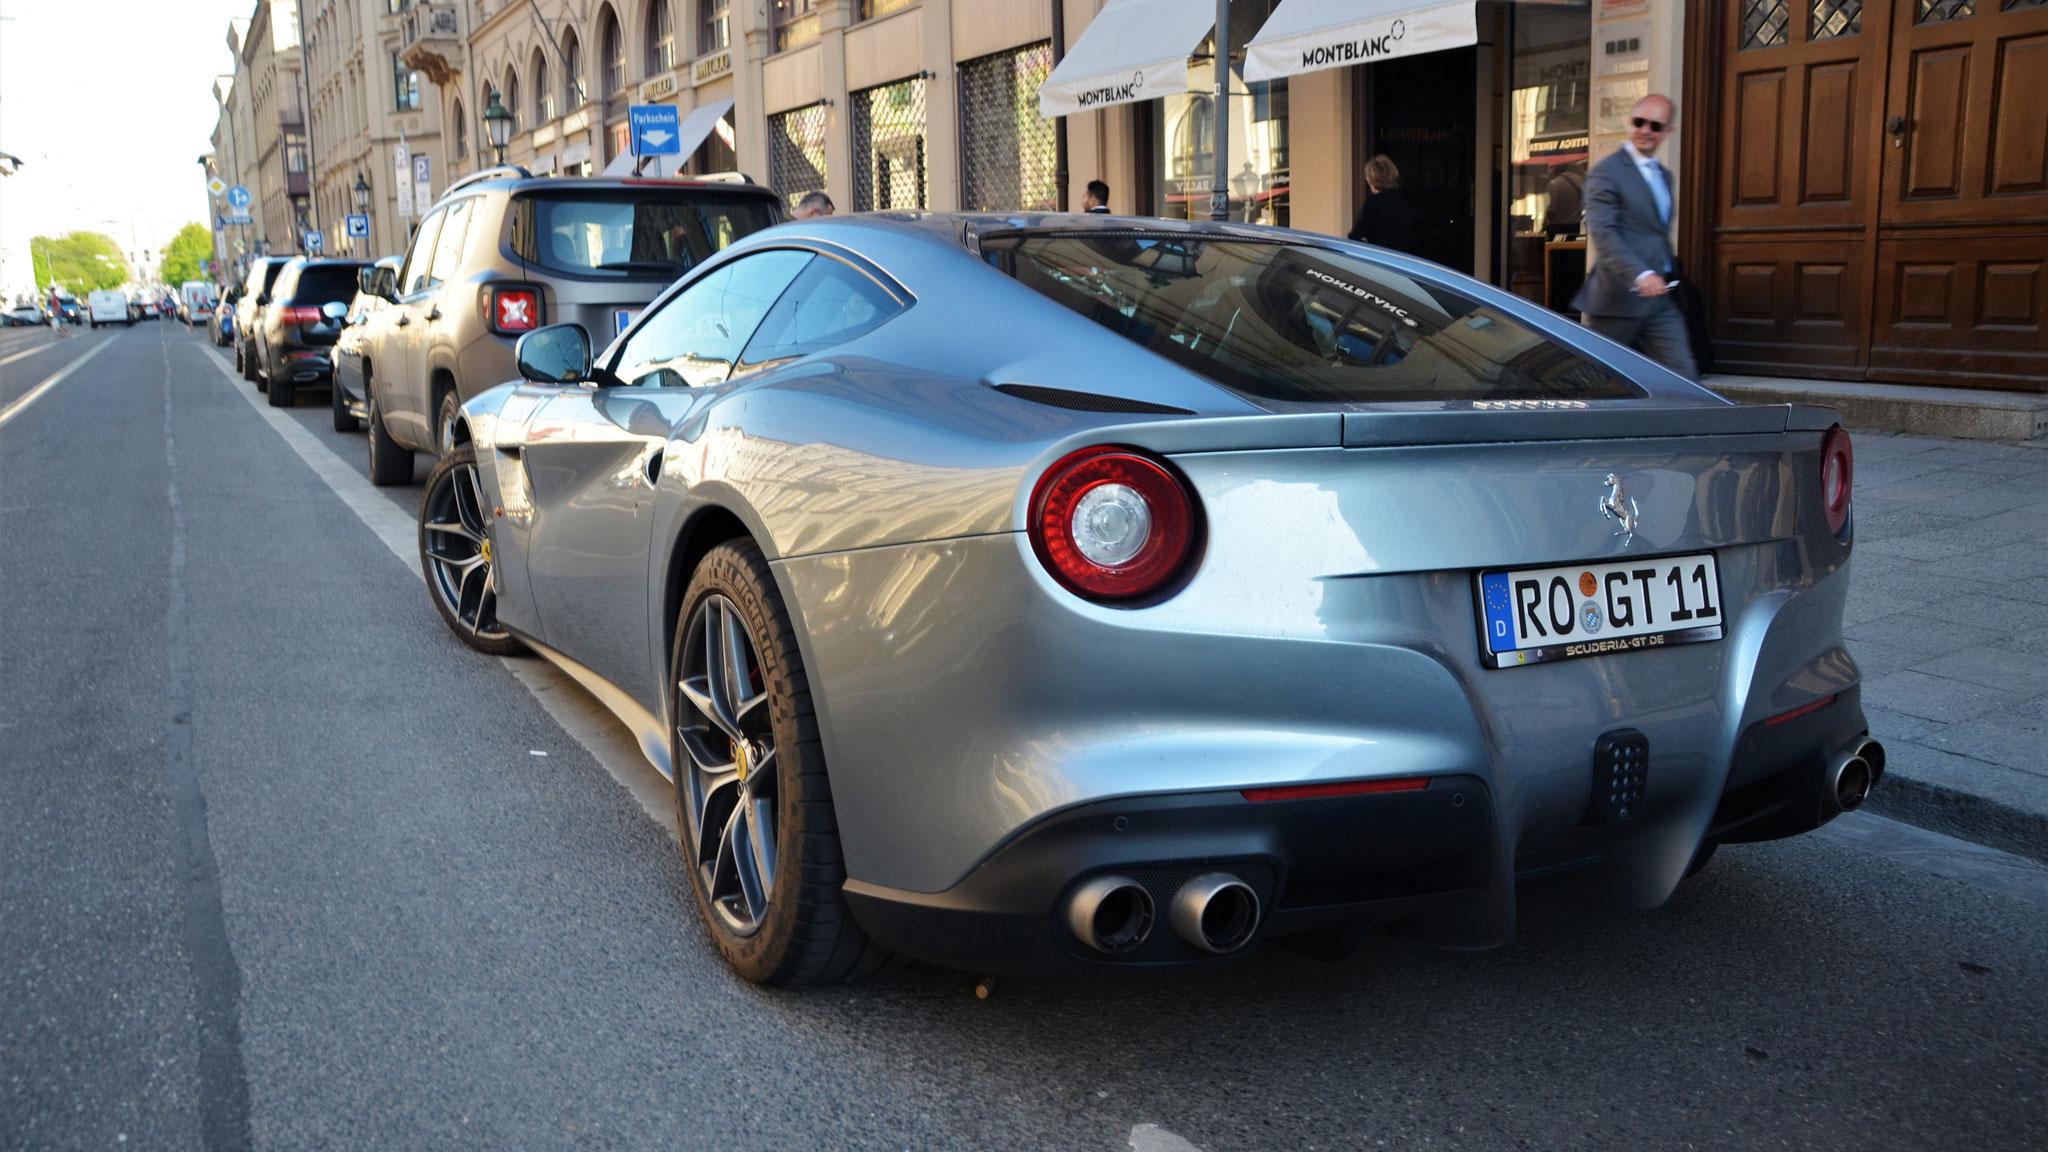 Ferrari F12 Berlinetta - RO-GT-11